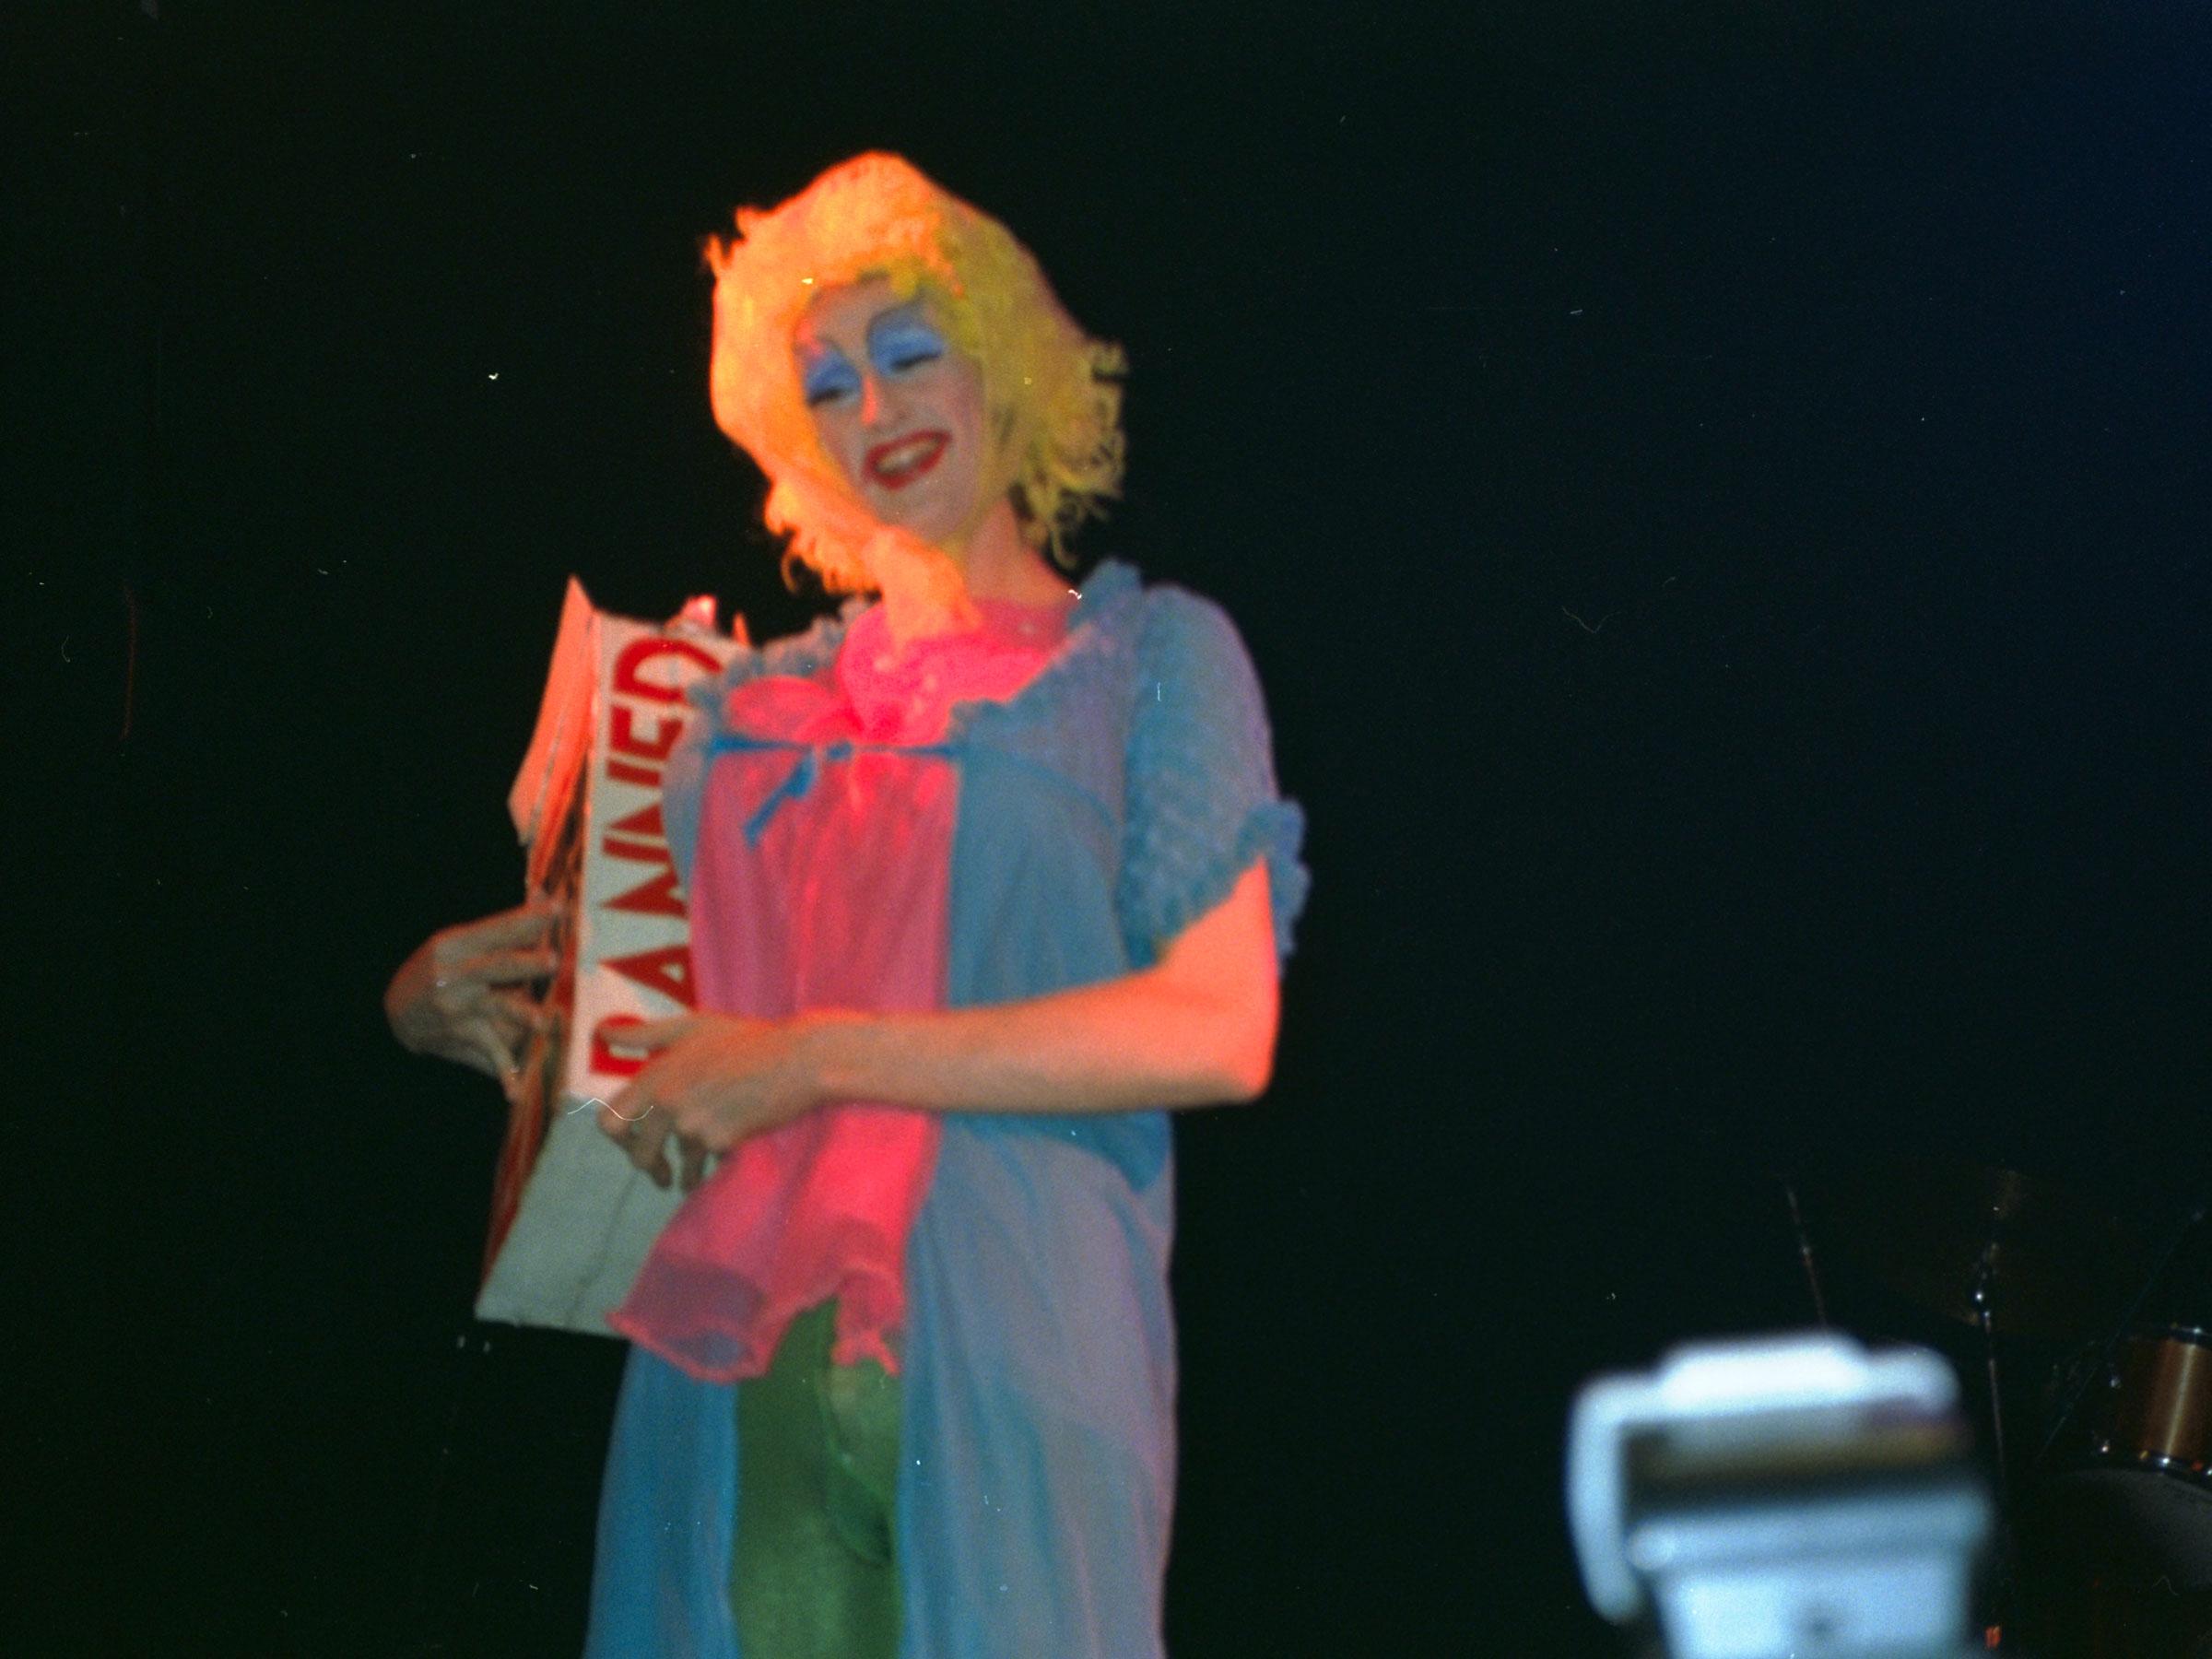 1993-12-12-SF-Winter-Pride-PCD479-041